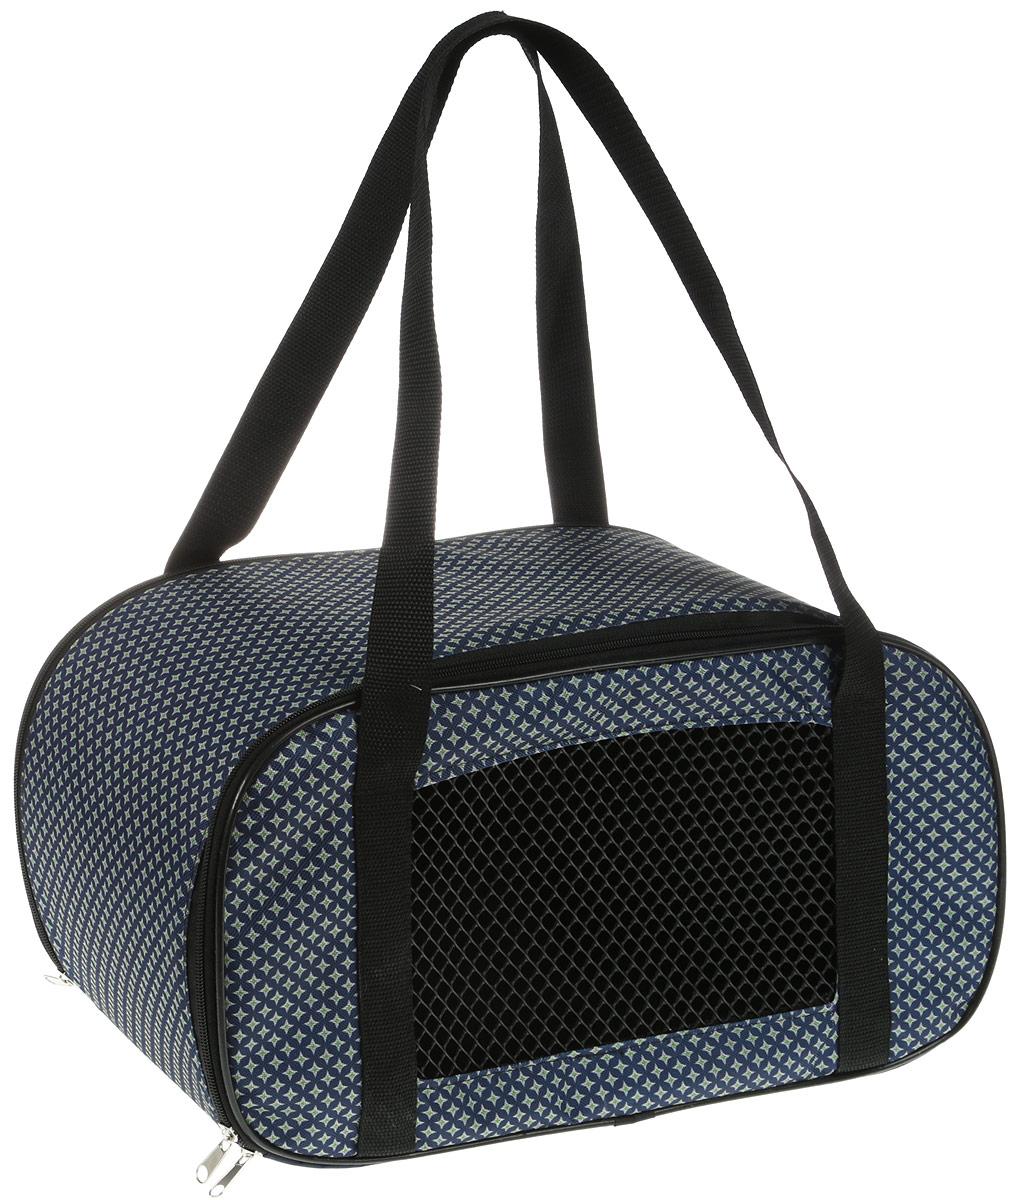 Сумка-переноска для животных Теремок Звезды, цвет: темно-синий, зеленый, 44 х 19 х 20 см сумка переноска для животных теремок цвет голубой синий белый 44 х 19 х 20 см